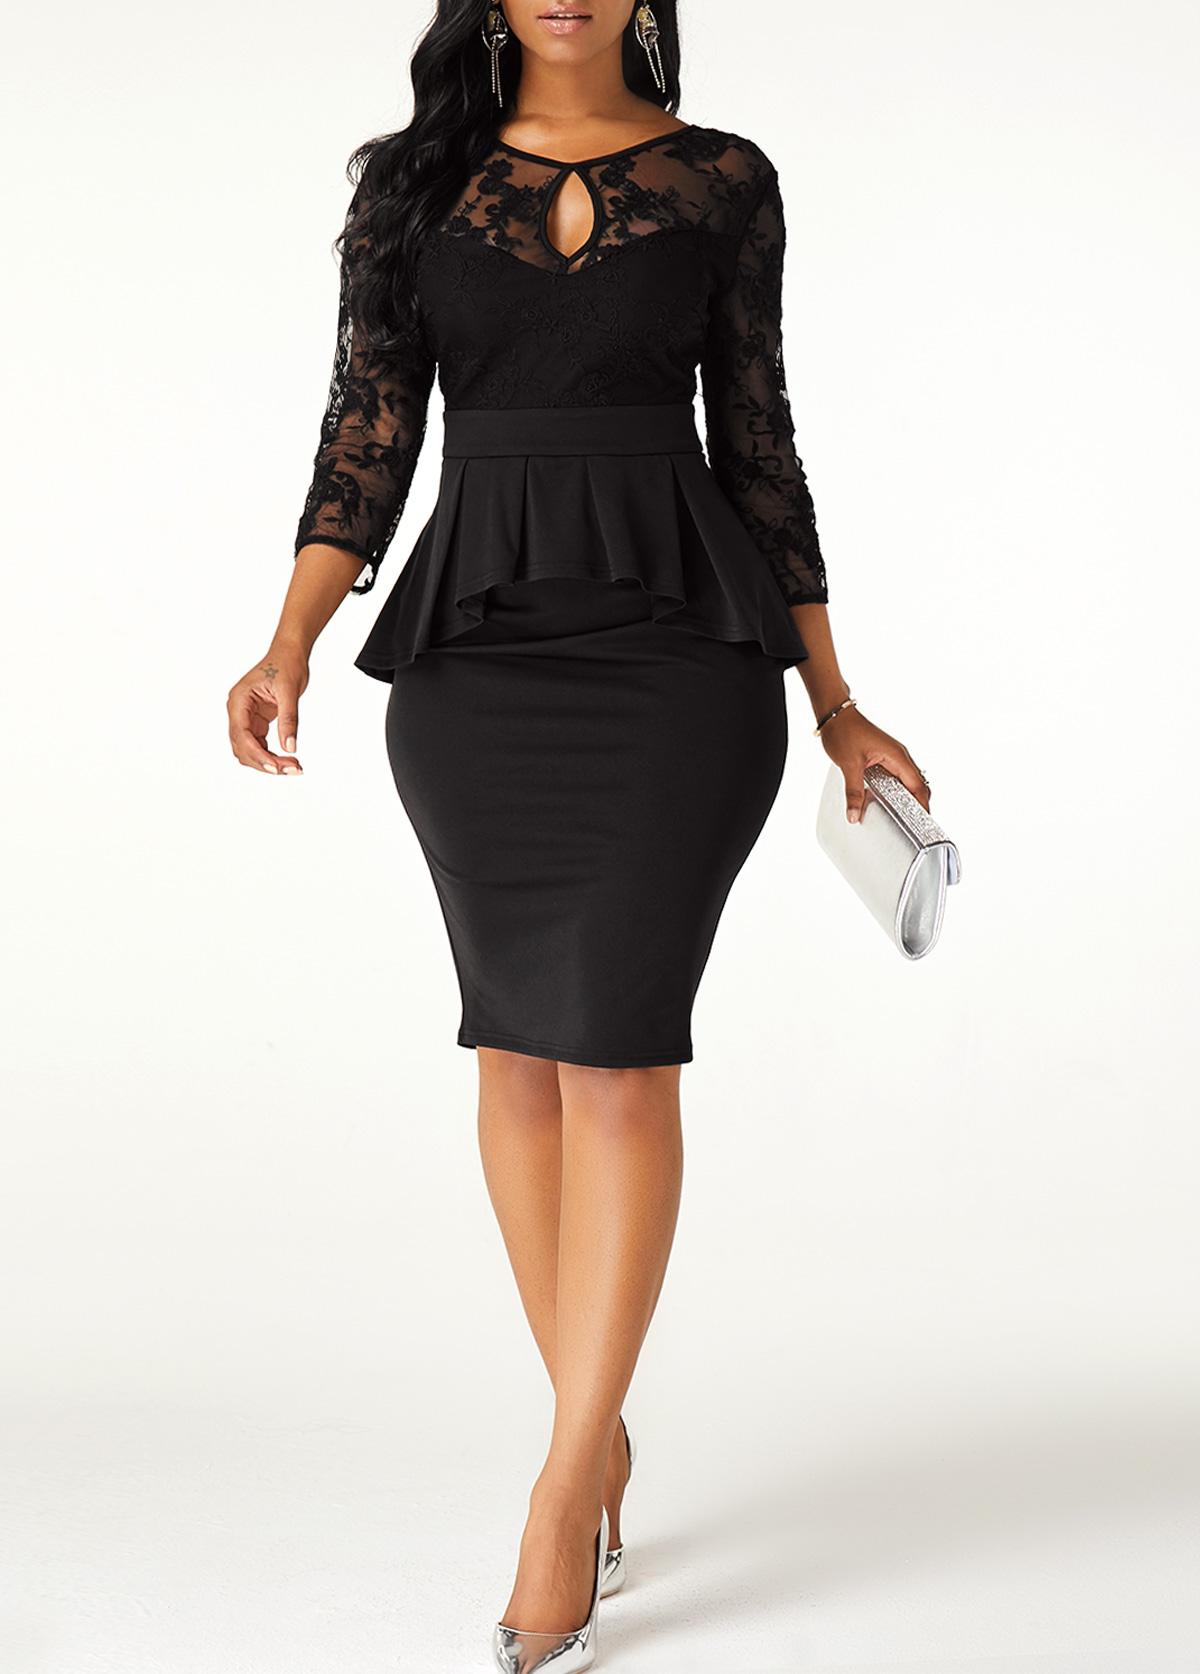 ROTITA V Back Lace Stitching Cutout Neck Dress